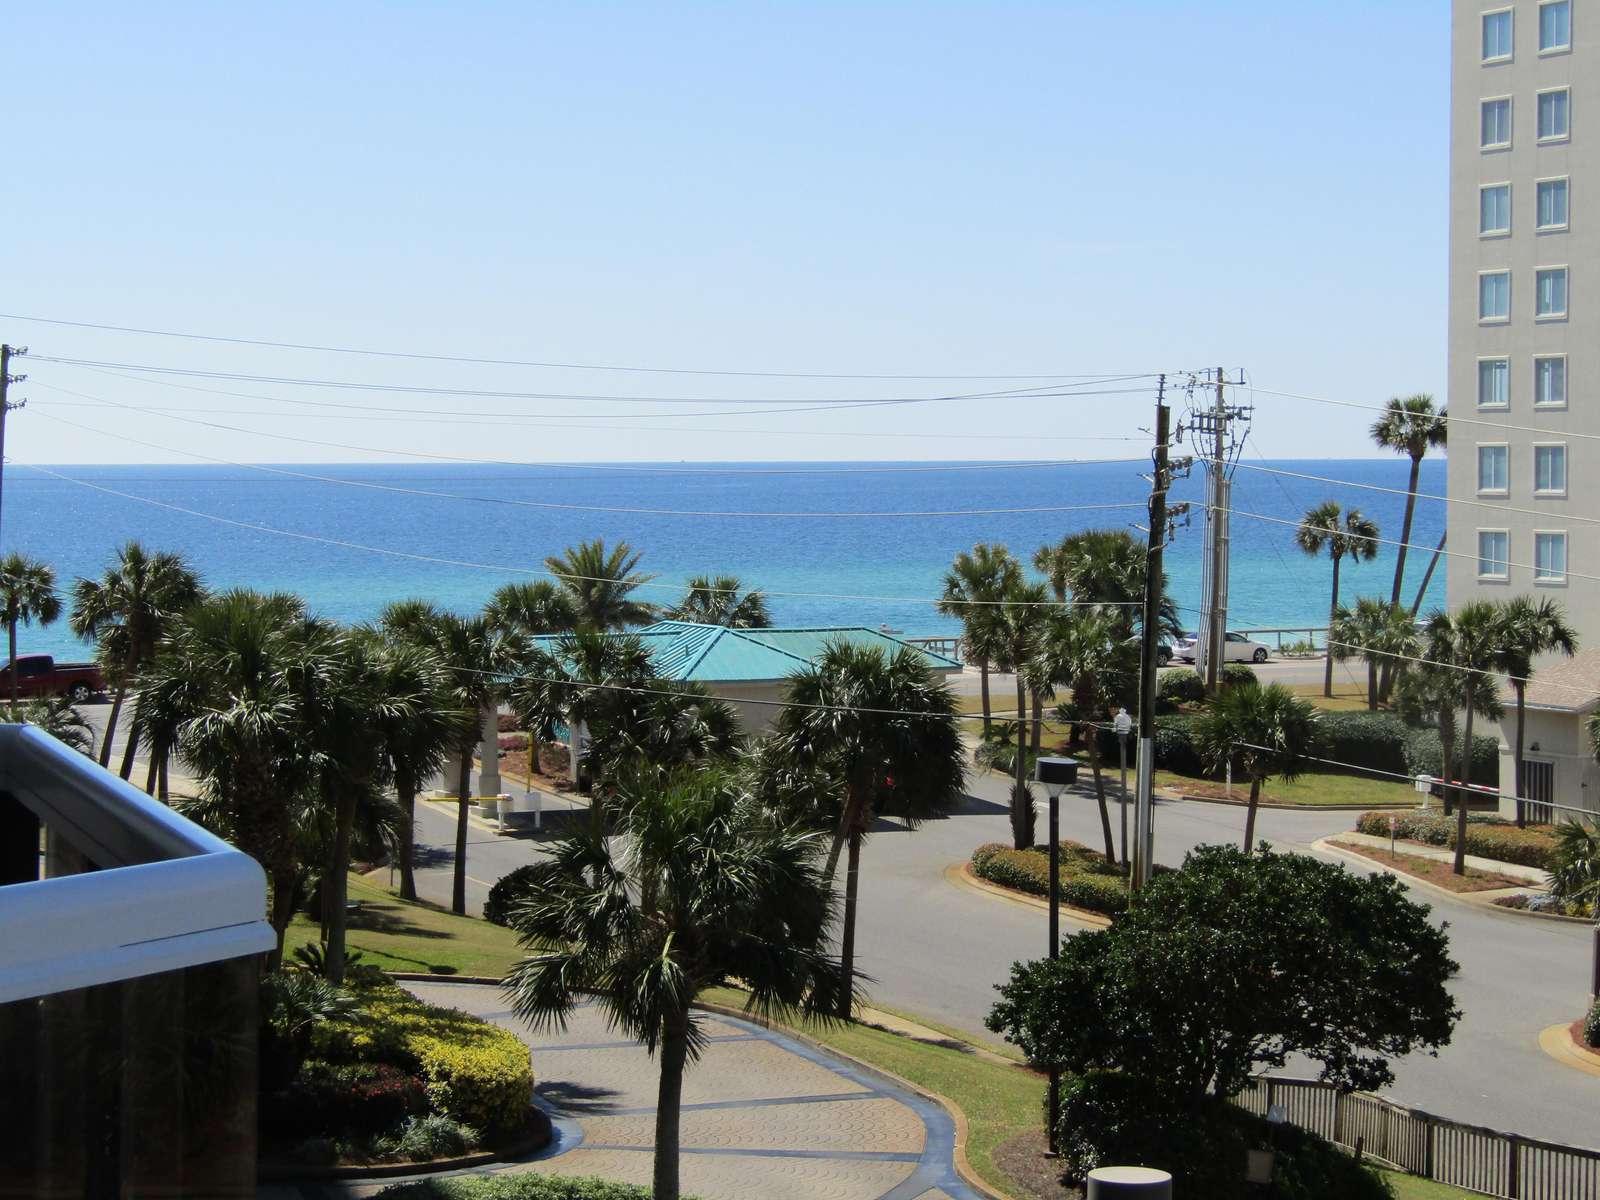 Surfside Resort 20212 - property